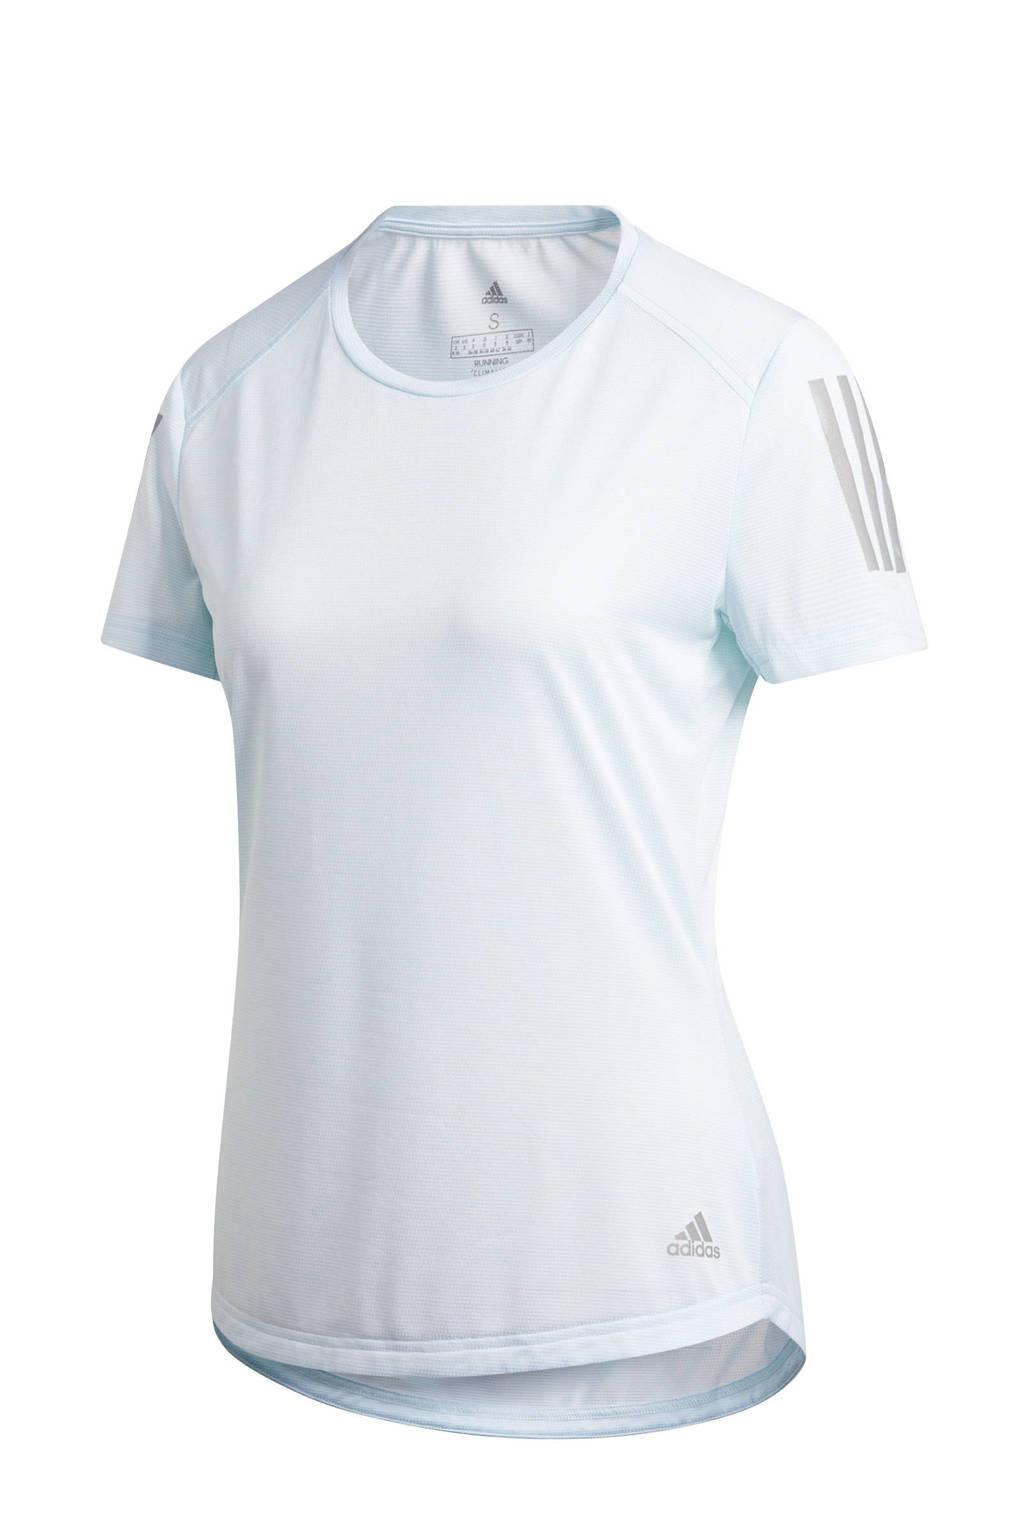 adidas Performance hardloopshirt lichtblauw, Lichtblauw, Dames